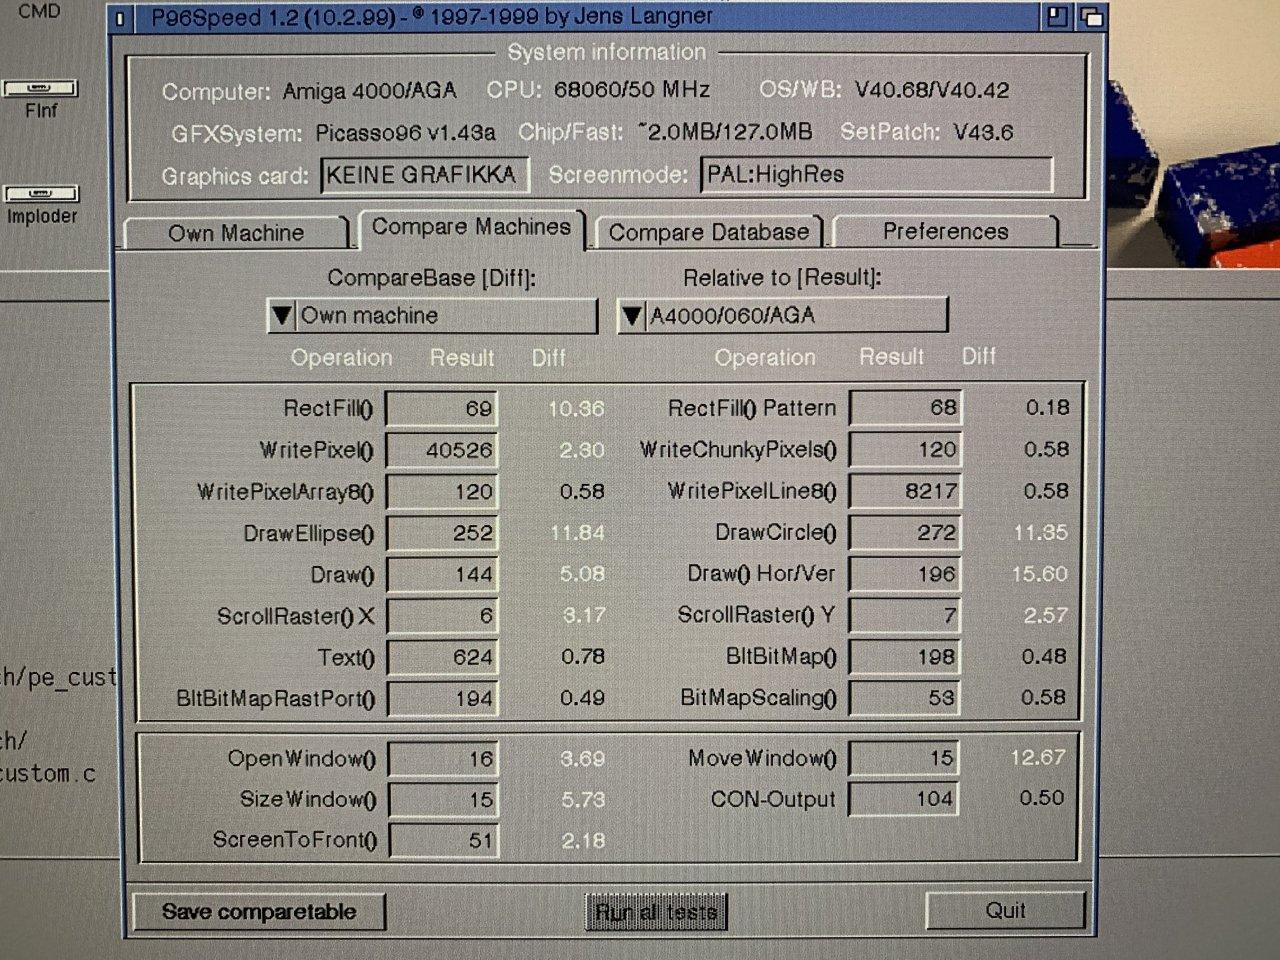 Klikněte na obrázek pro zobrazení větší verze  Název: C513B9D9-B0D9-47E7-8845-711A9CAD622E.jpeg Zobrazeno: 30 Velikost: 325,9 KB ID: 9626